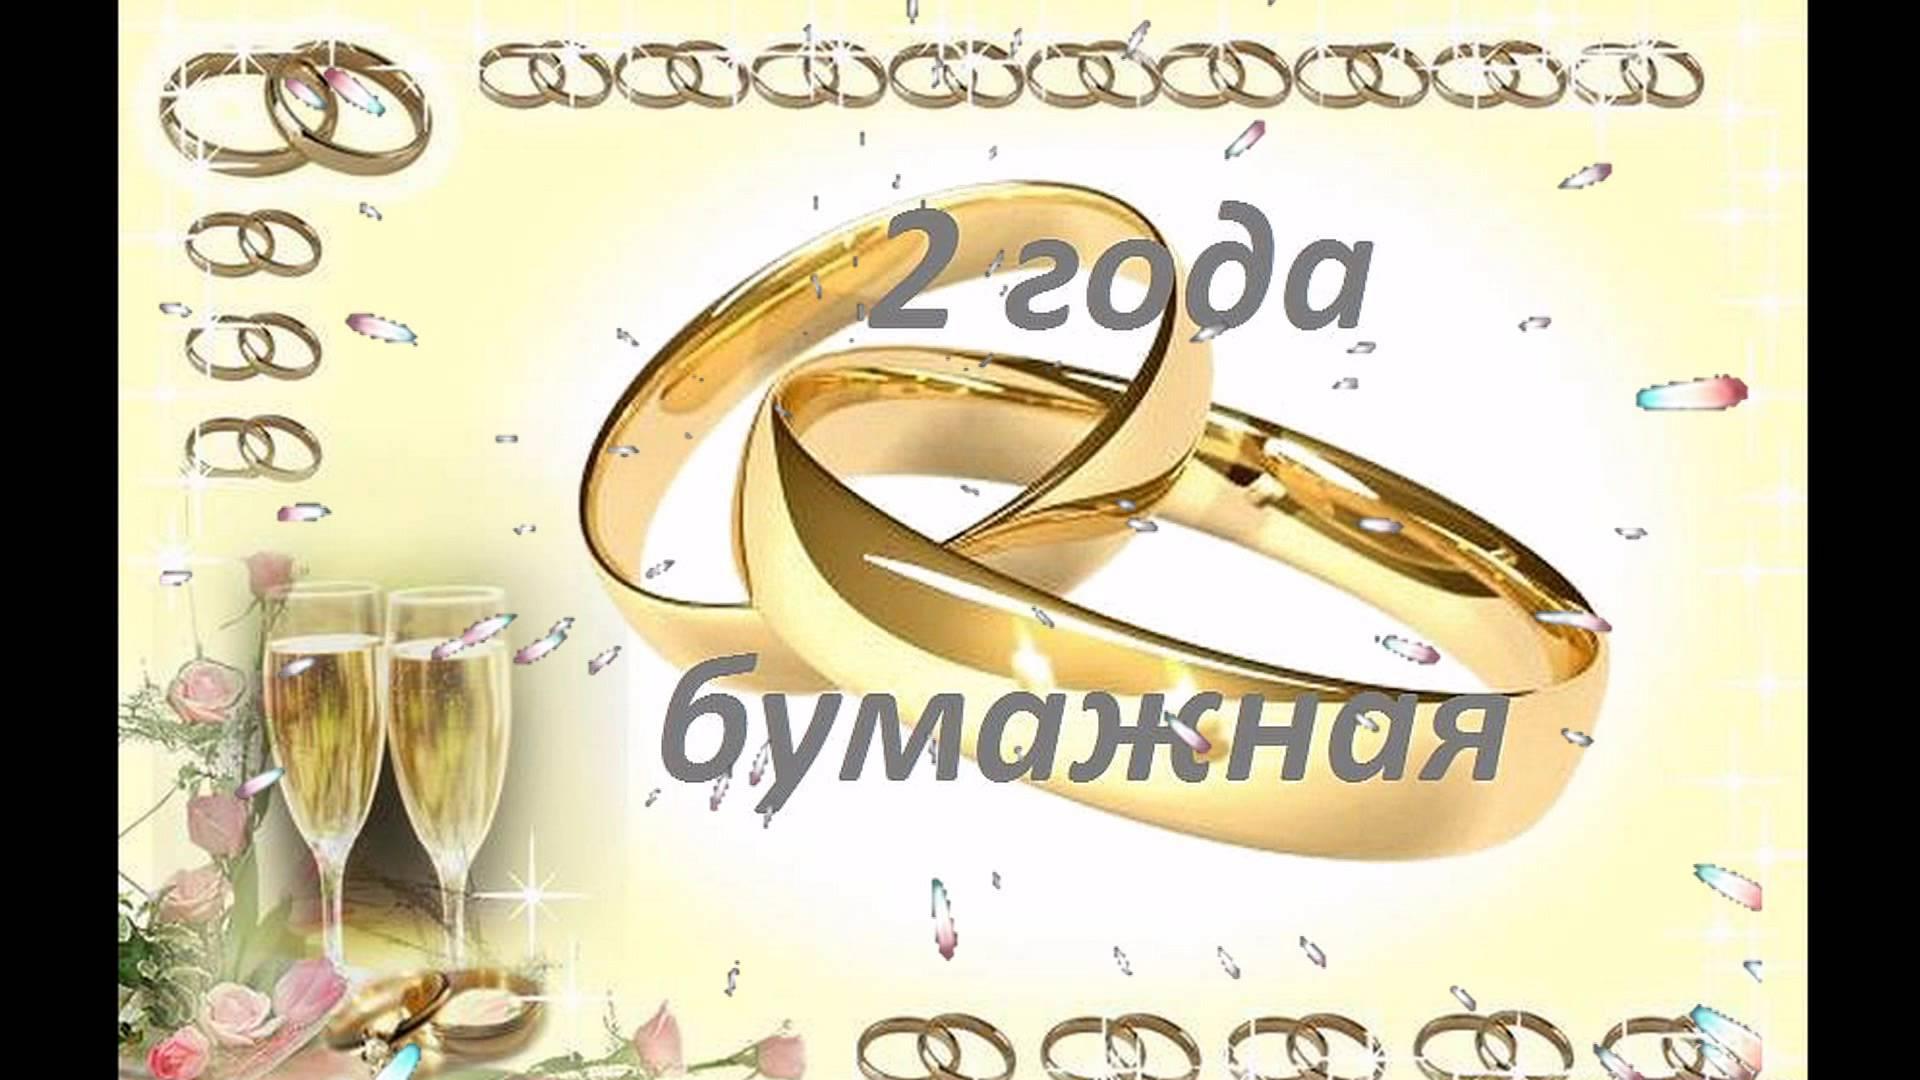 Поздравления мужу с бумажной свадьбой прикольные